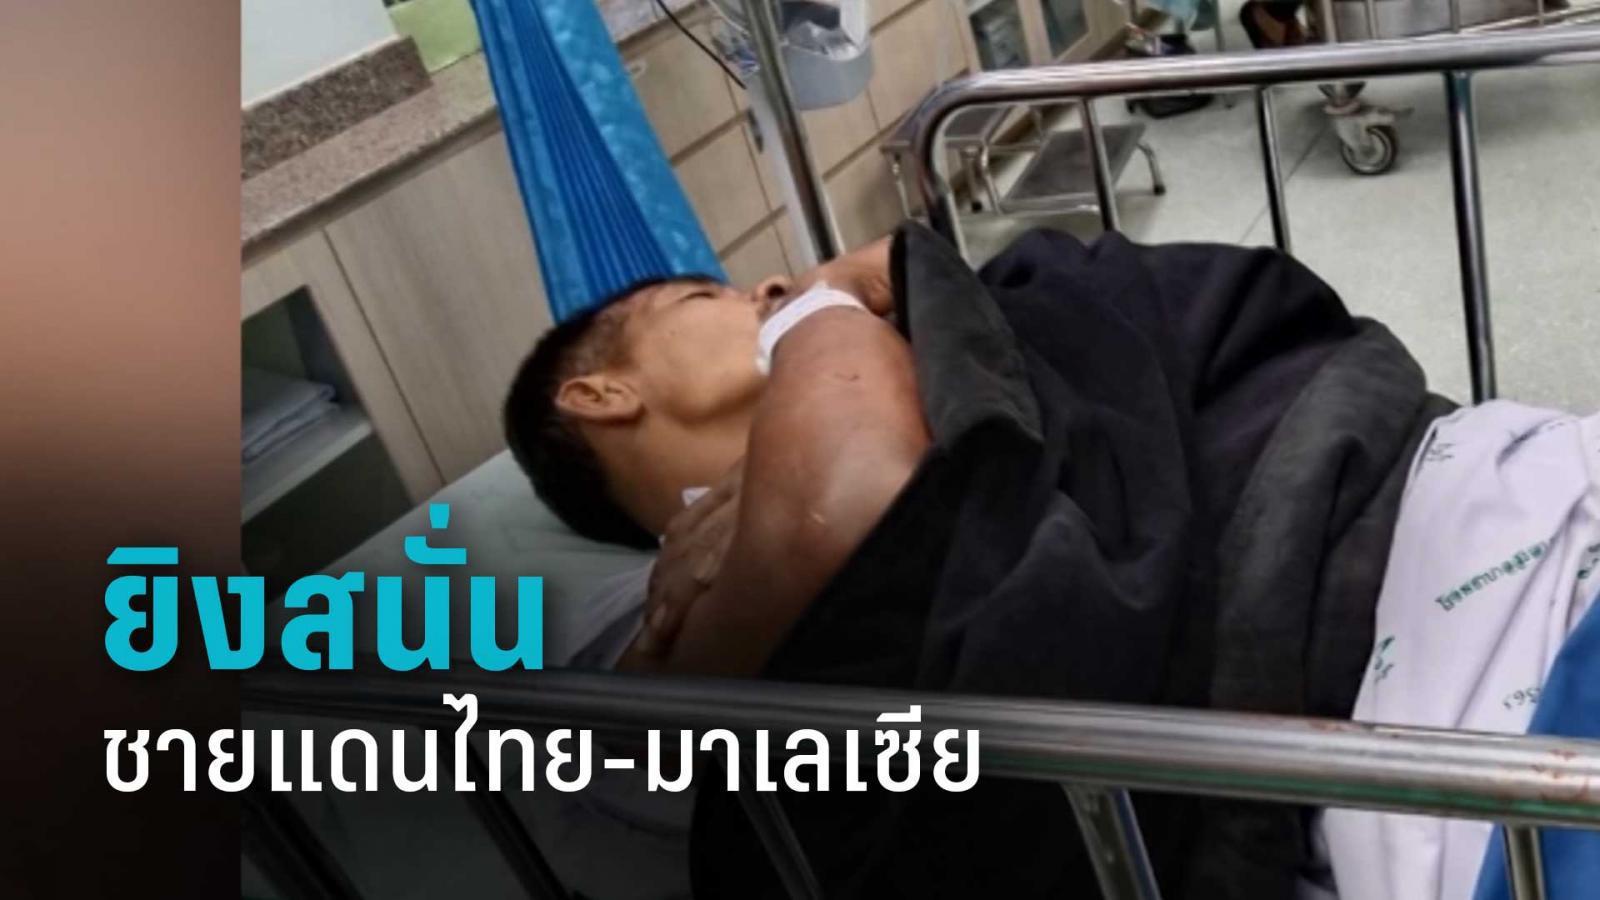 แก๊งขนใบกระท่อม ปะทะเดือดชายแดนไทย ตร.มาเลเซีย ดับ 1 เจ็บ 1